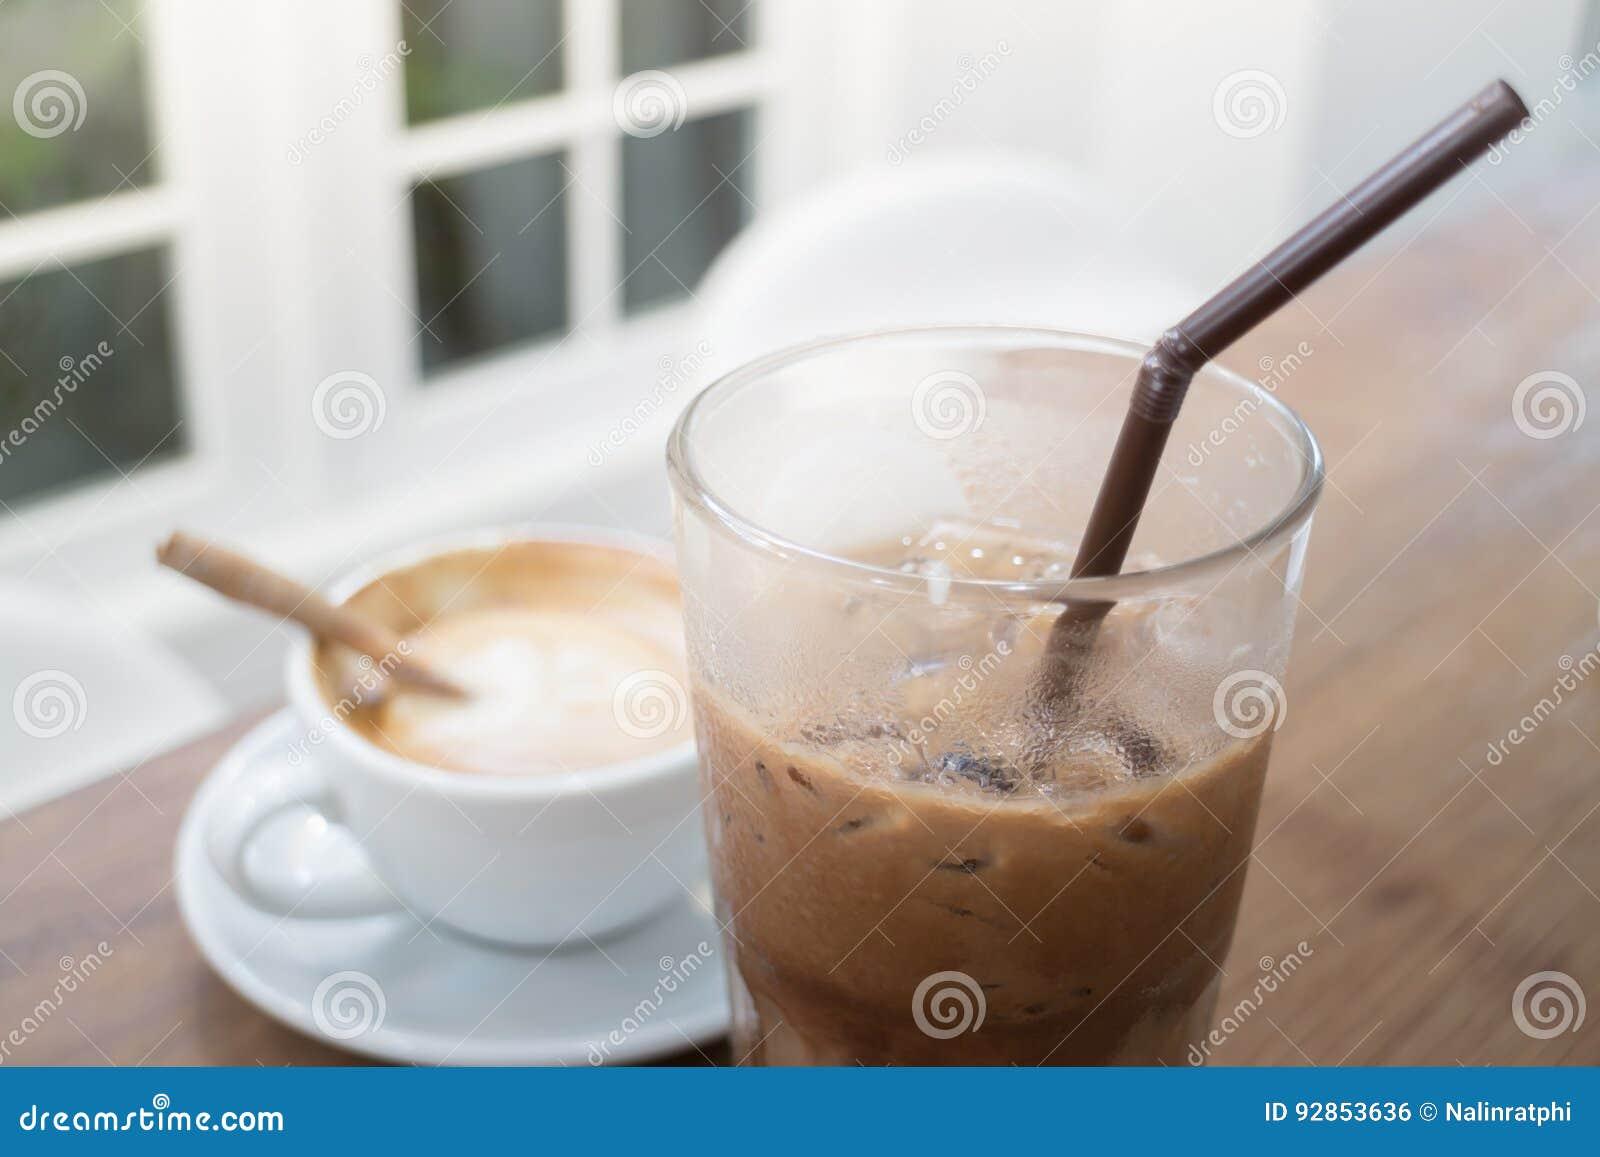 Горячее и холодное питье кофе